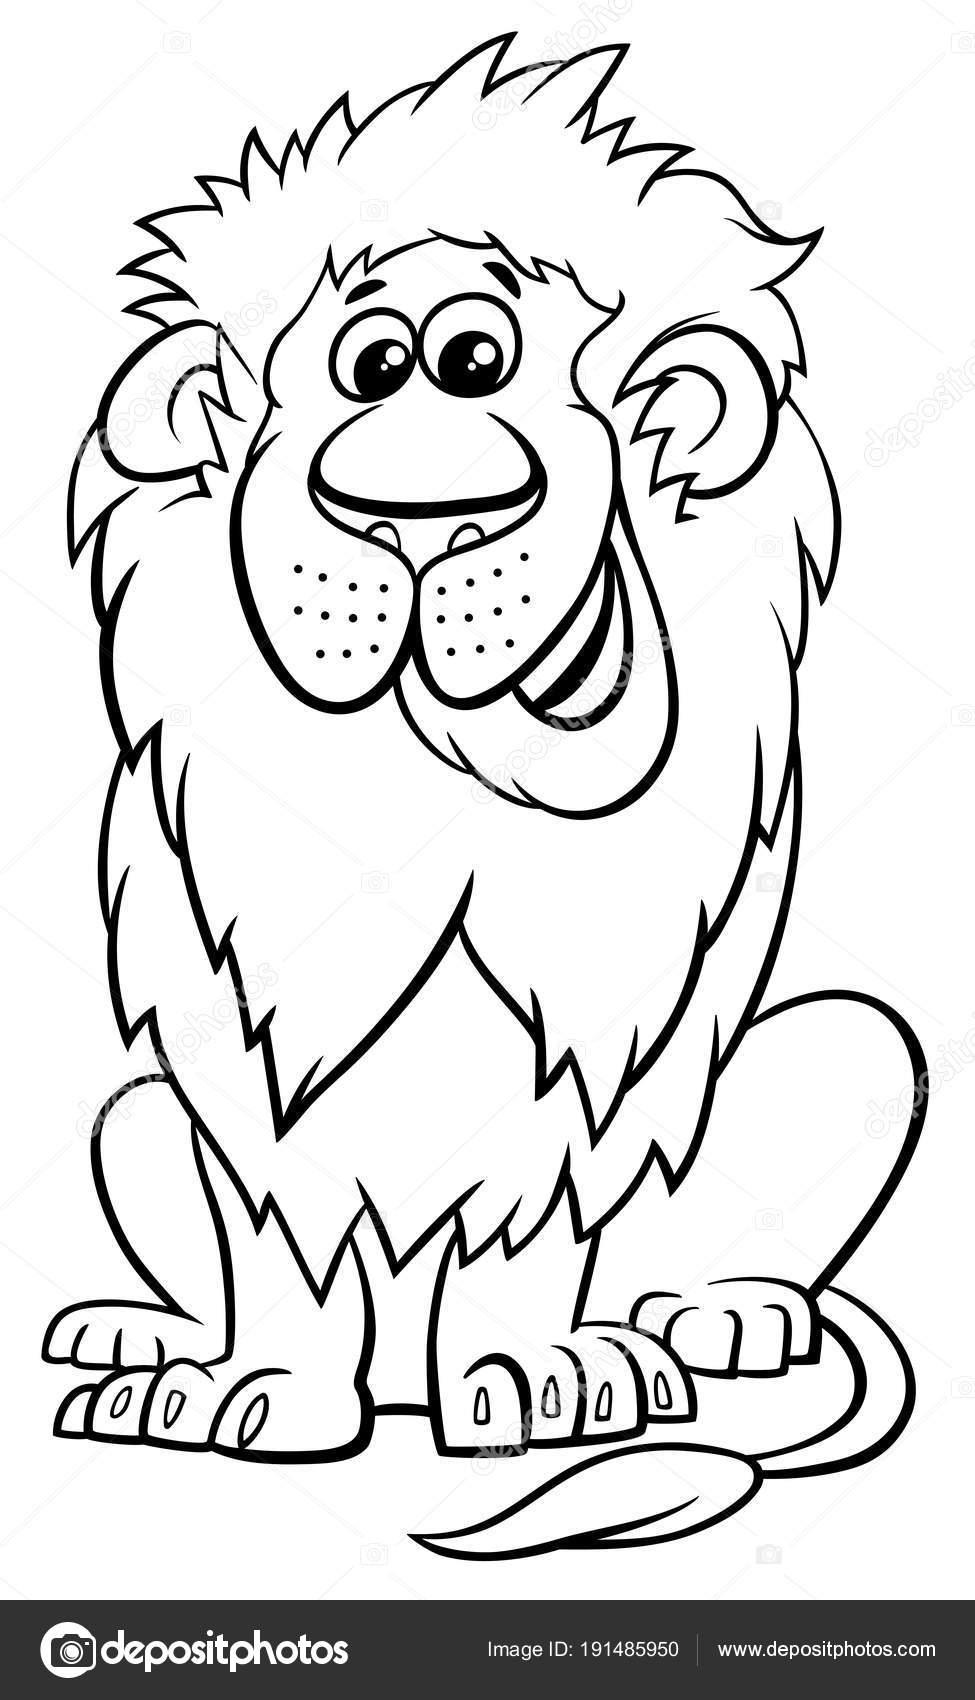 Animales Con Ropa Para Colorear Dibujos Animados De Caracter